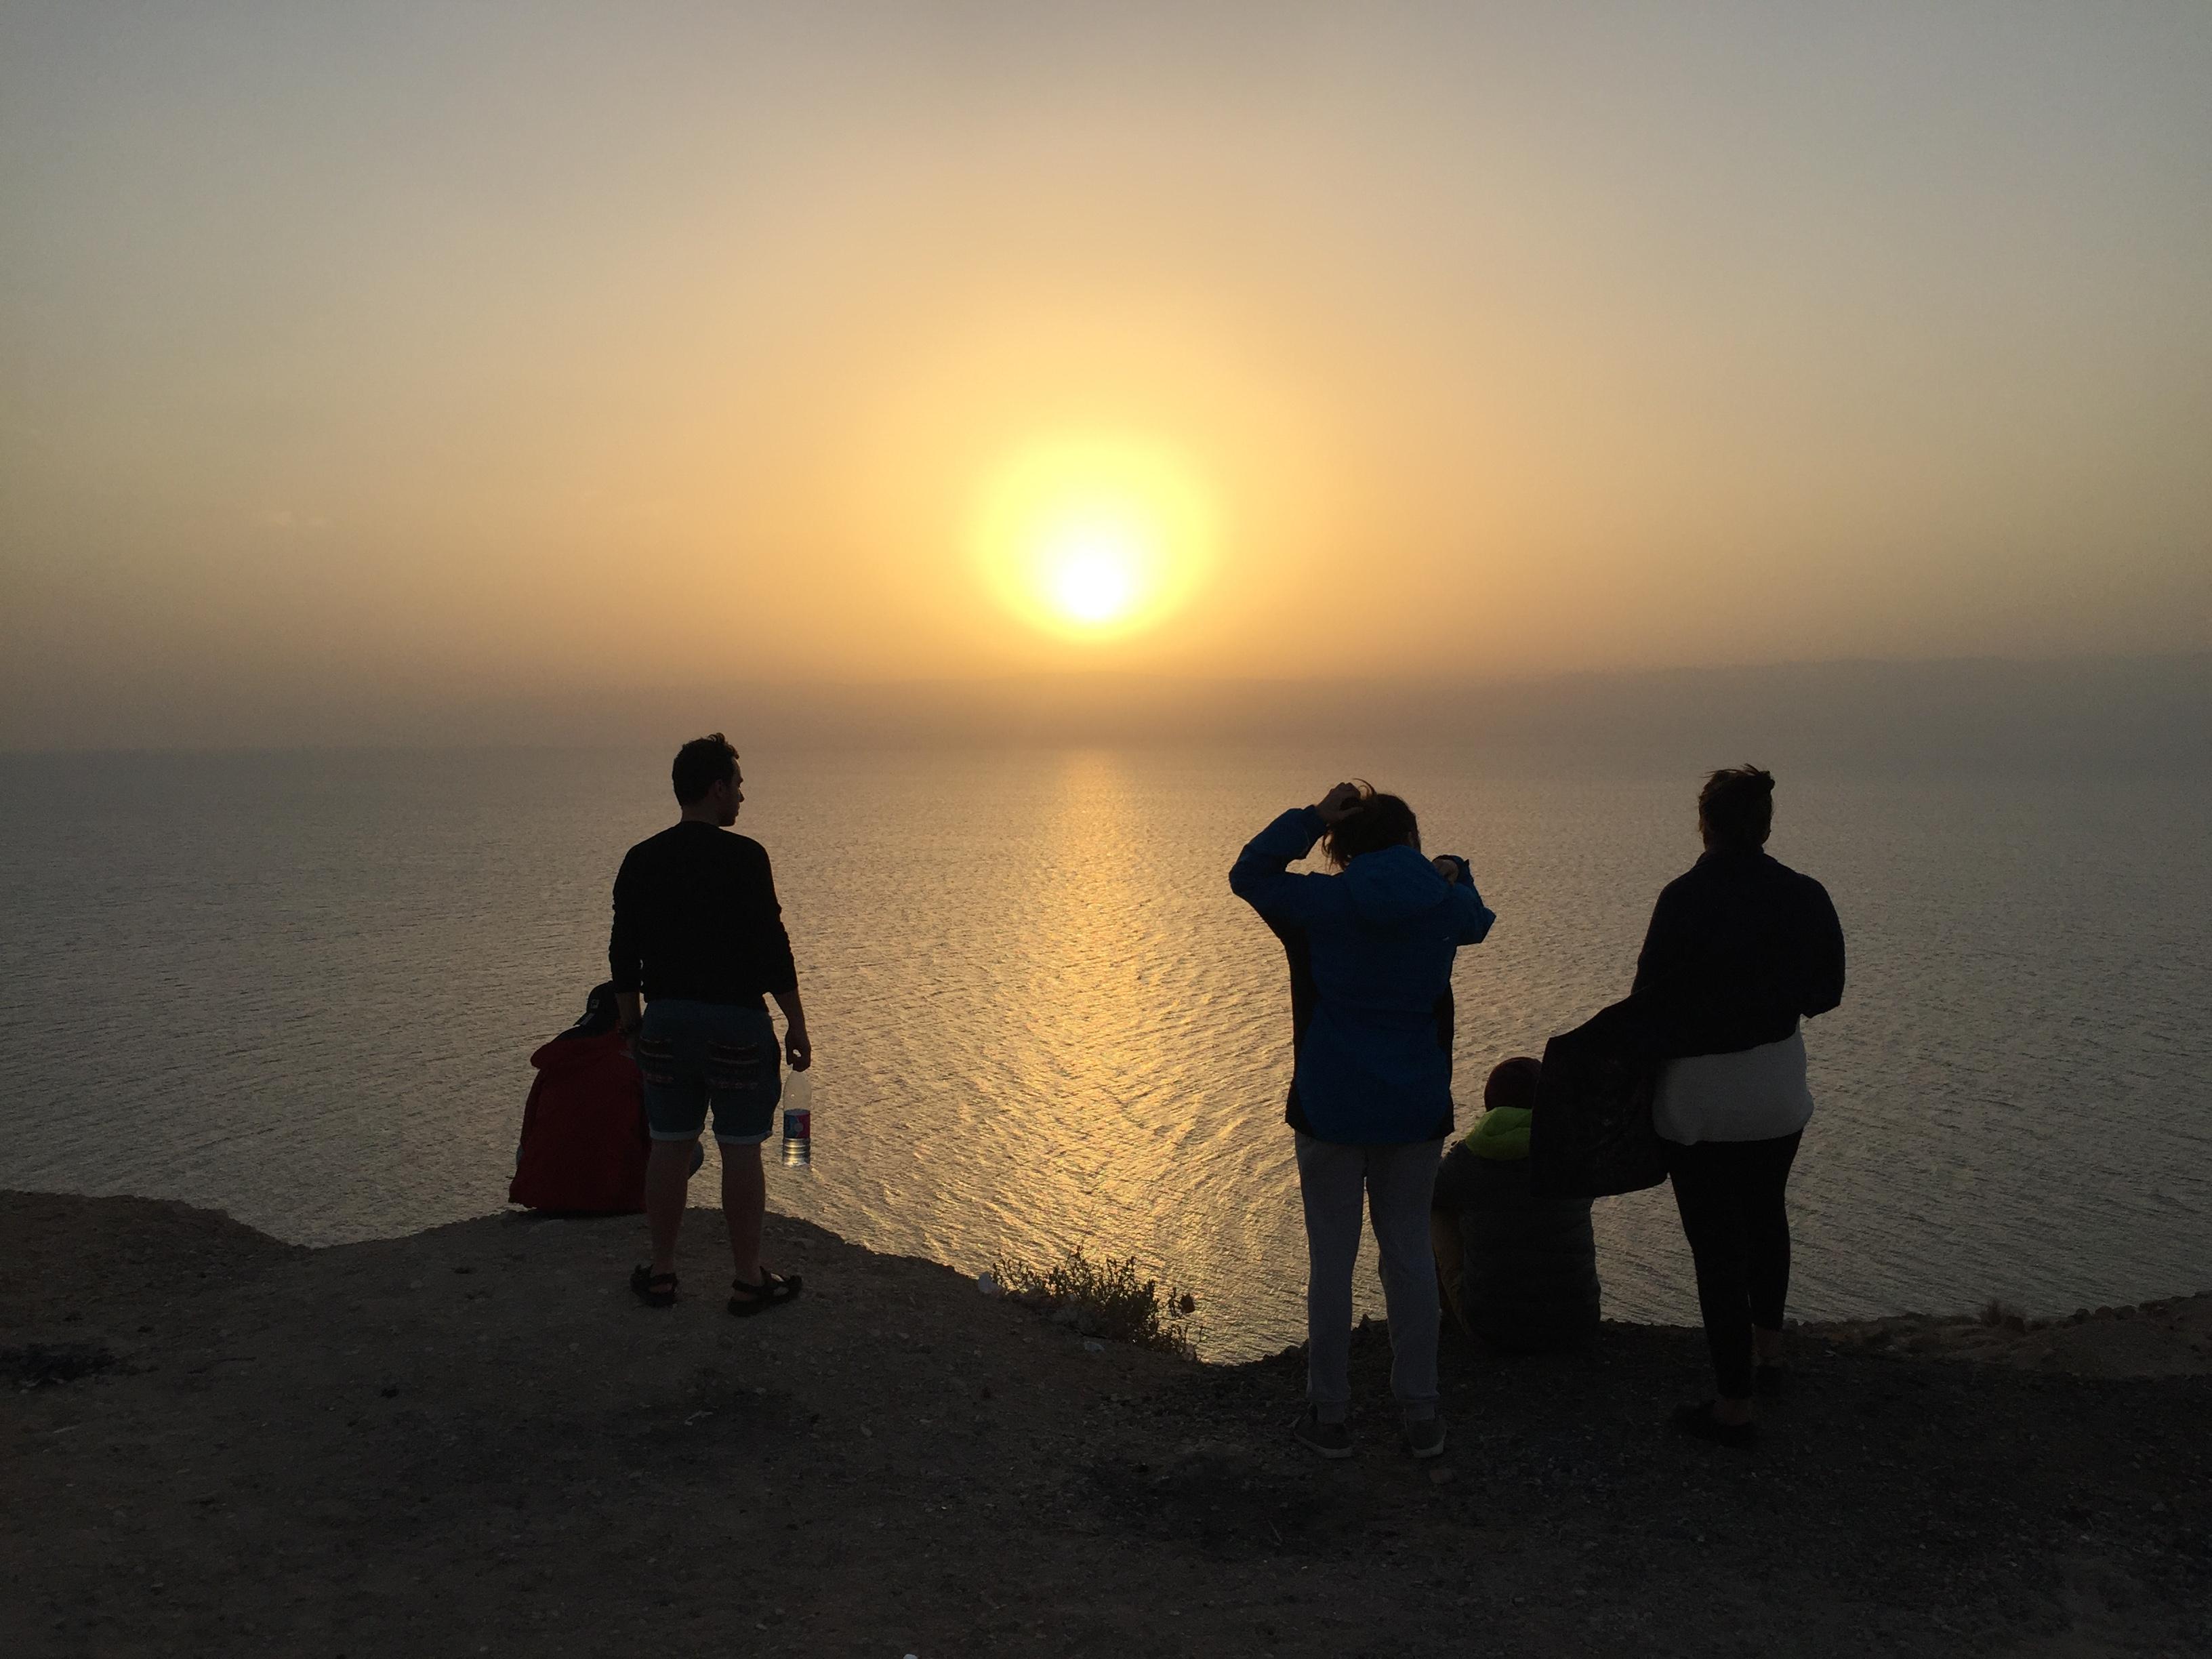 Dónde bañarse en el Mar Muerto gratis. Atardecer en el Mar Muerto (Jordania), de frente Israel